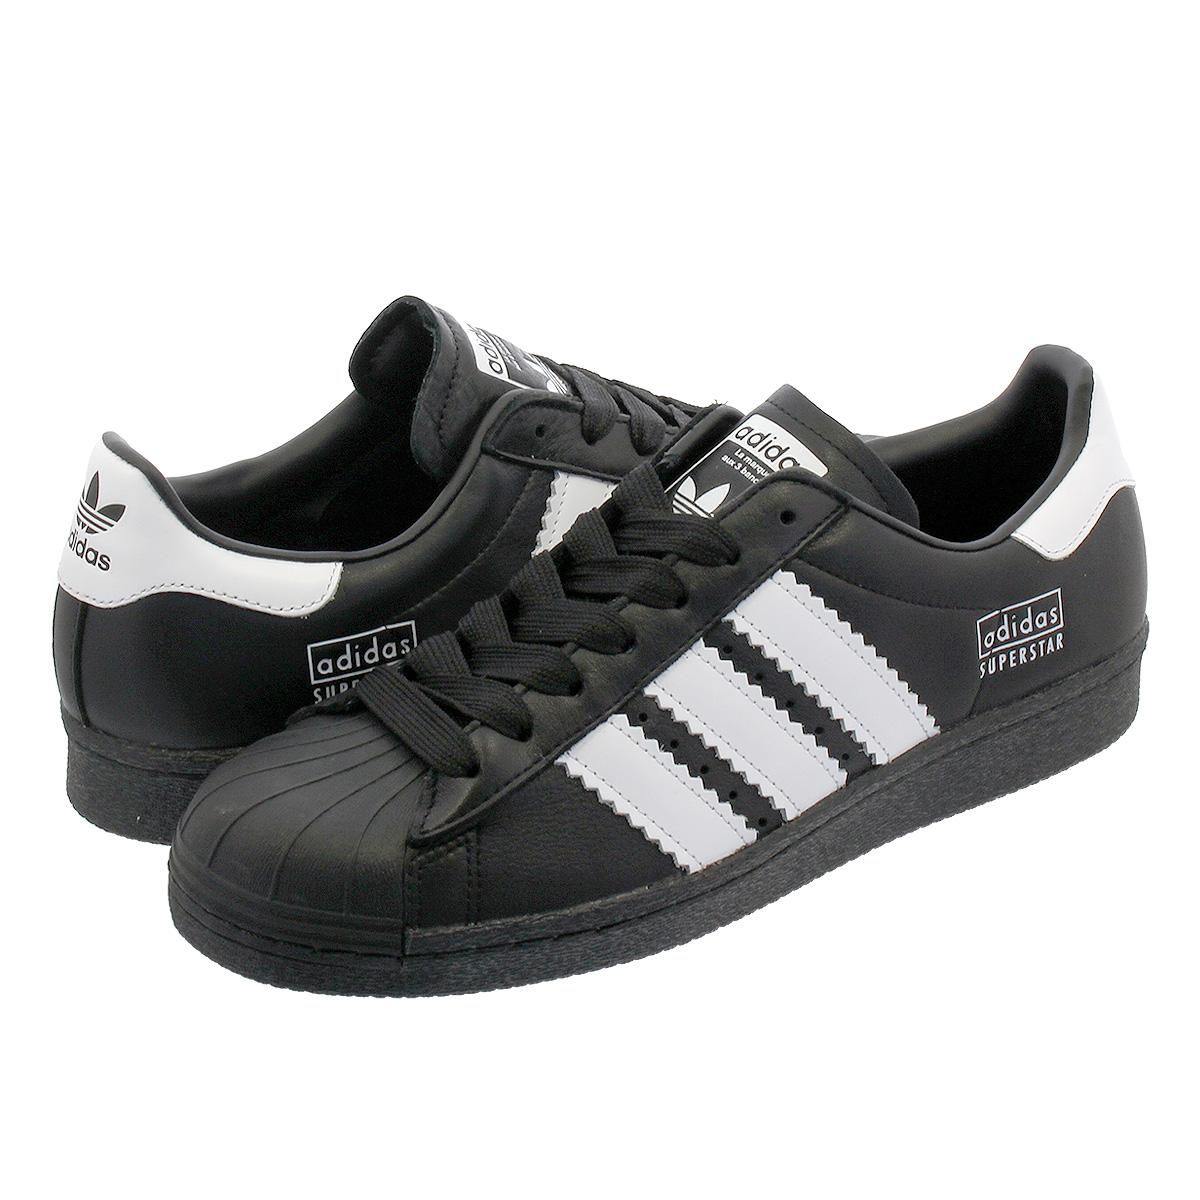 【毎日がお得!値下げプライス】 adidas SUPERSTAR 80s 【adidas Originals】 アディダス スーパースター 80s CORE BLACK/RUNNING WHITE/CORE BLACK bd7363